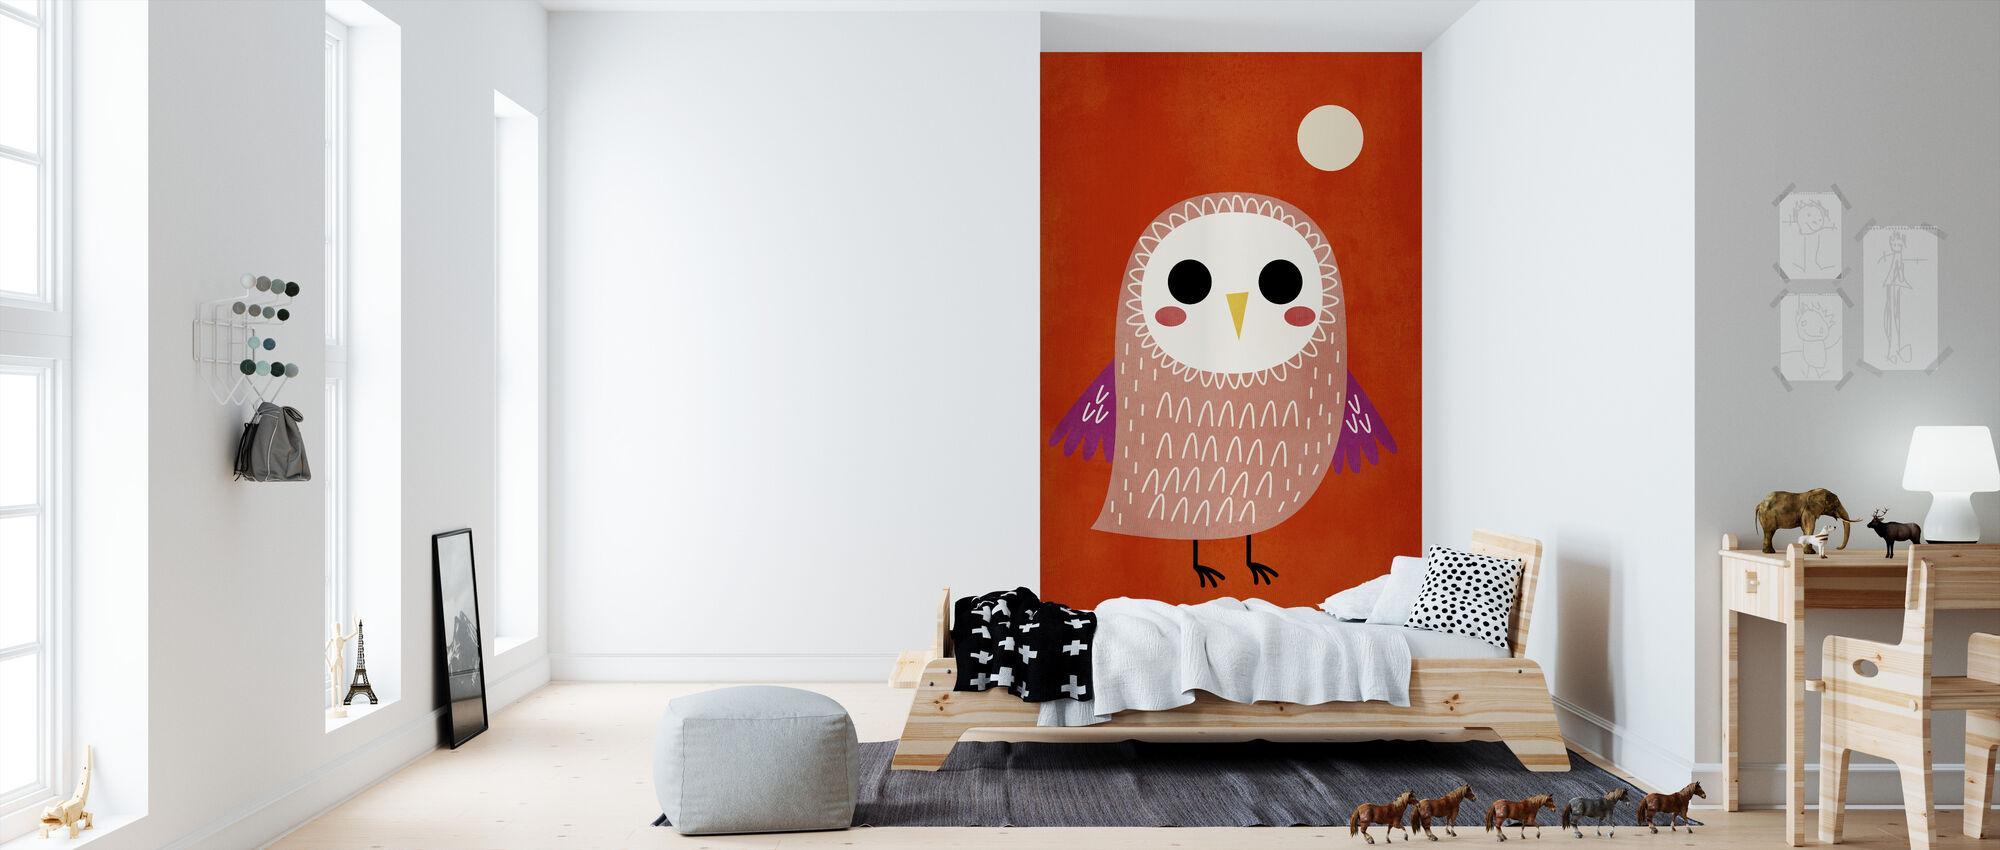 Little Owl - Wallpaper - Kids Room